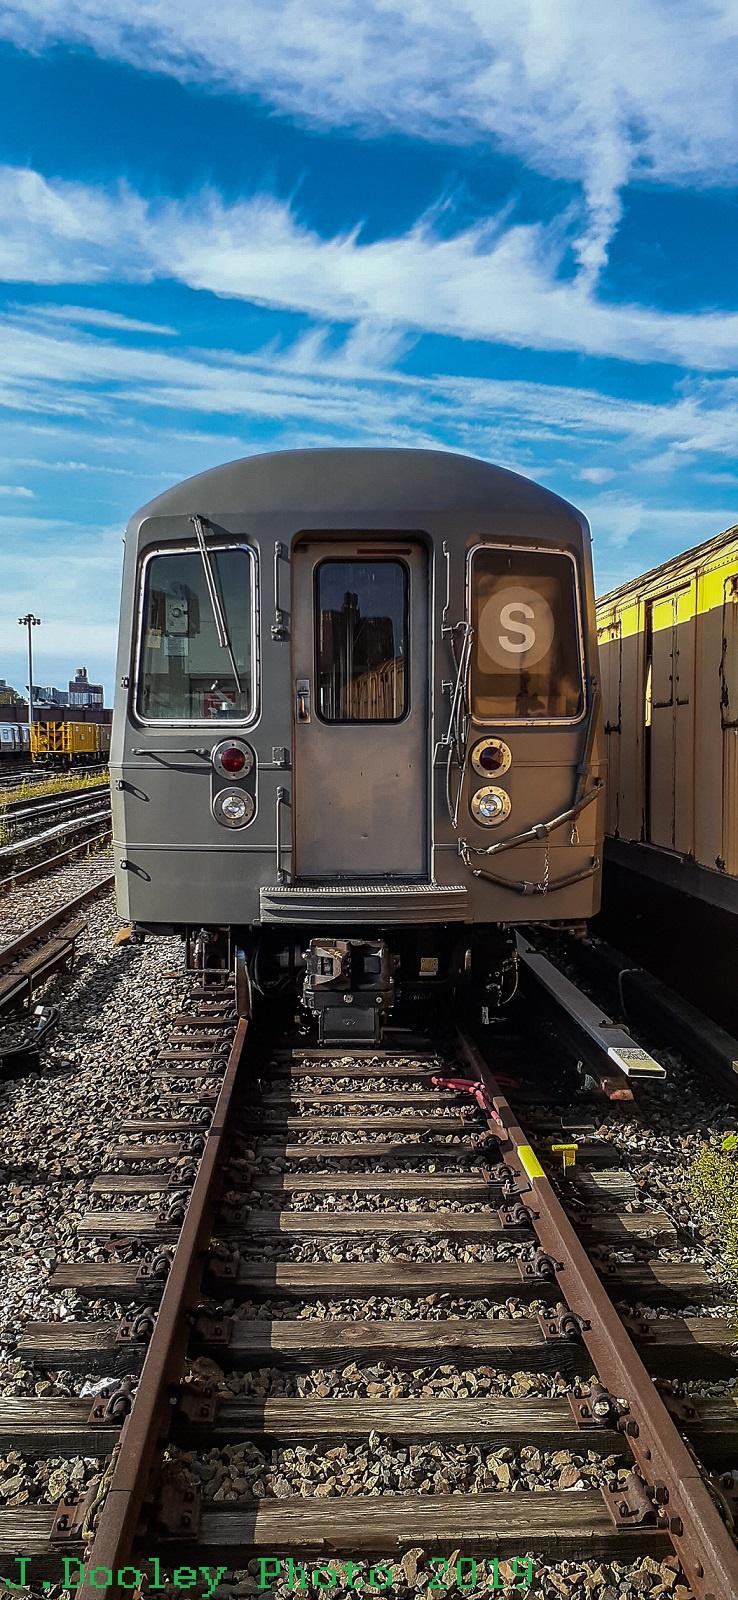 (305k, 1044x772)<br><b>Country:</b> United States<br><b>City:</b> New York<br><b>System:</b> New York City Transit<br><b>Line:</b> IRT West Side Line<br><b>Location:</b> 125th Street <br><b>Car:</b> Low-V  <br><b>Photo by:</b> Joel Shanus<br><b>Viewed (this week/total):</b> 1 / 1928